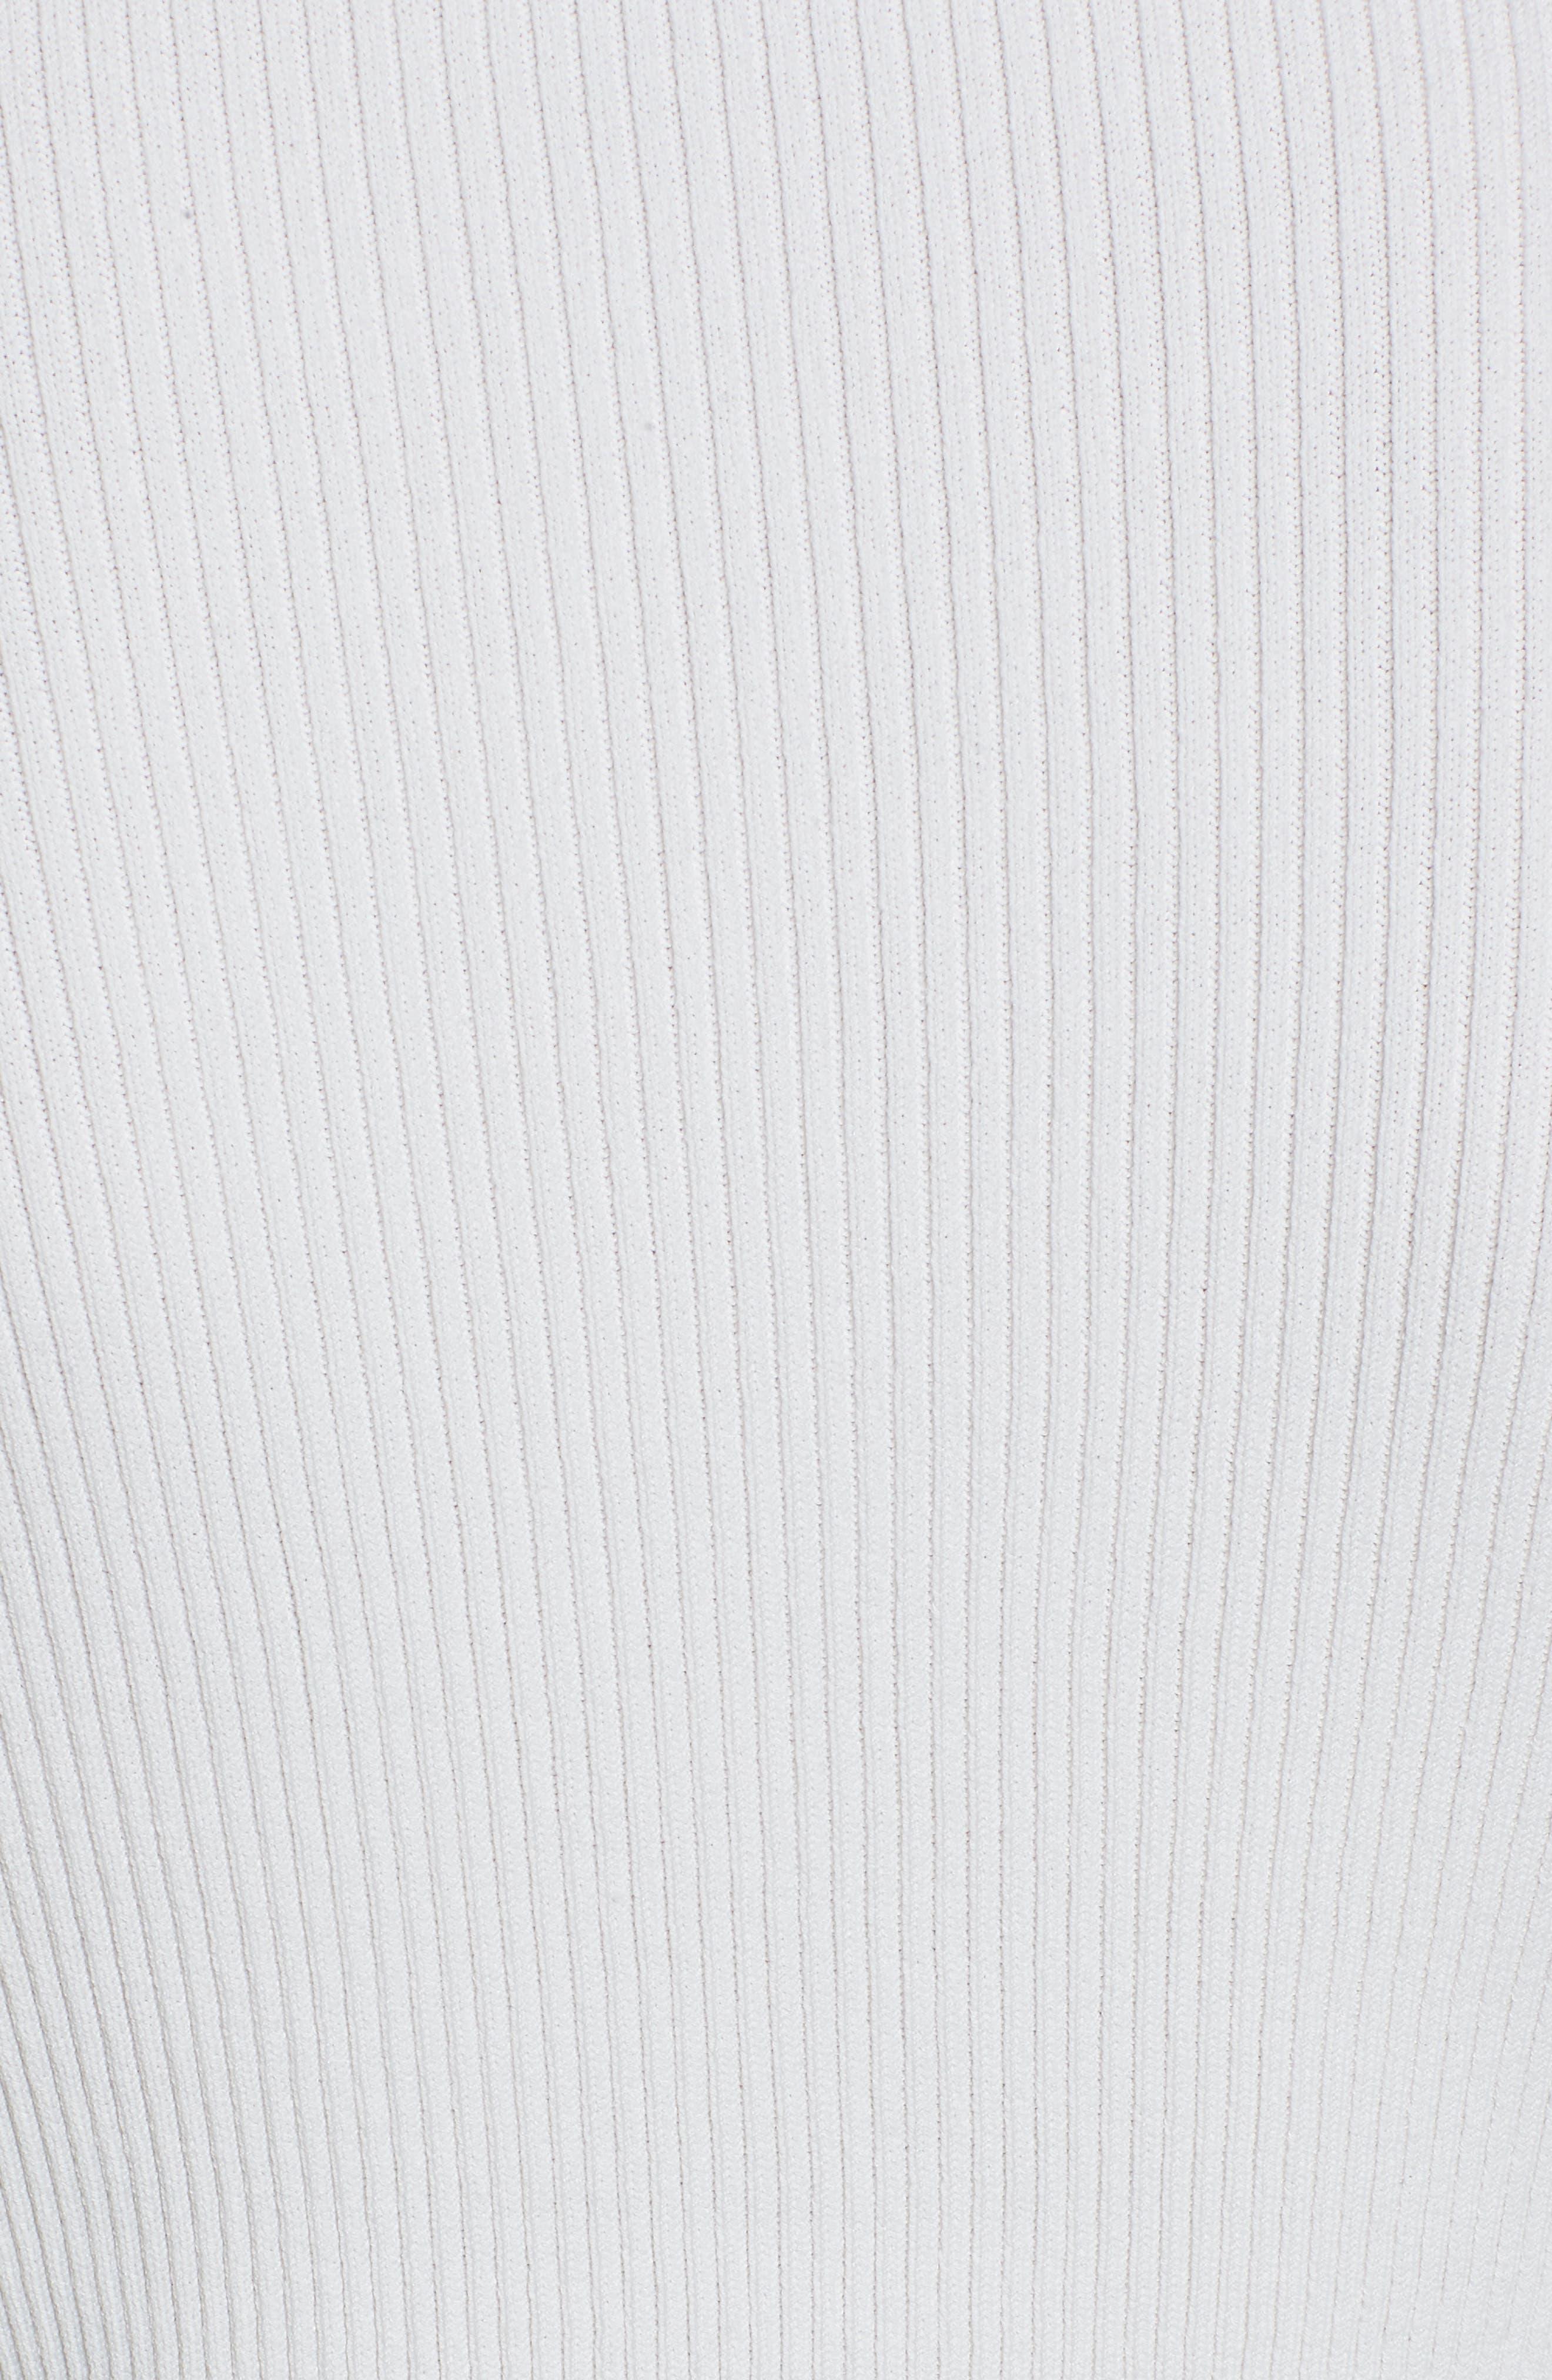 Fangeli Sweater,                             Alternate thumbnail 5, color,                             Vanilla Light